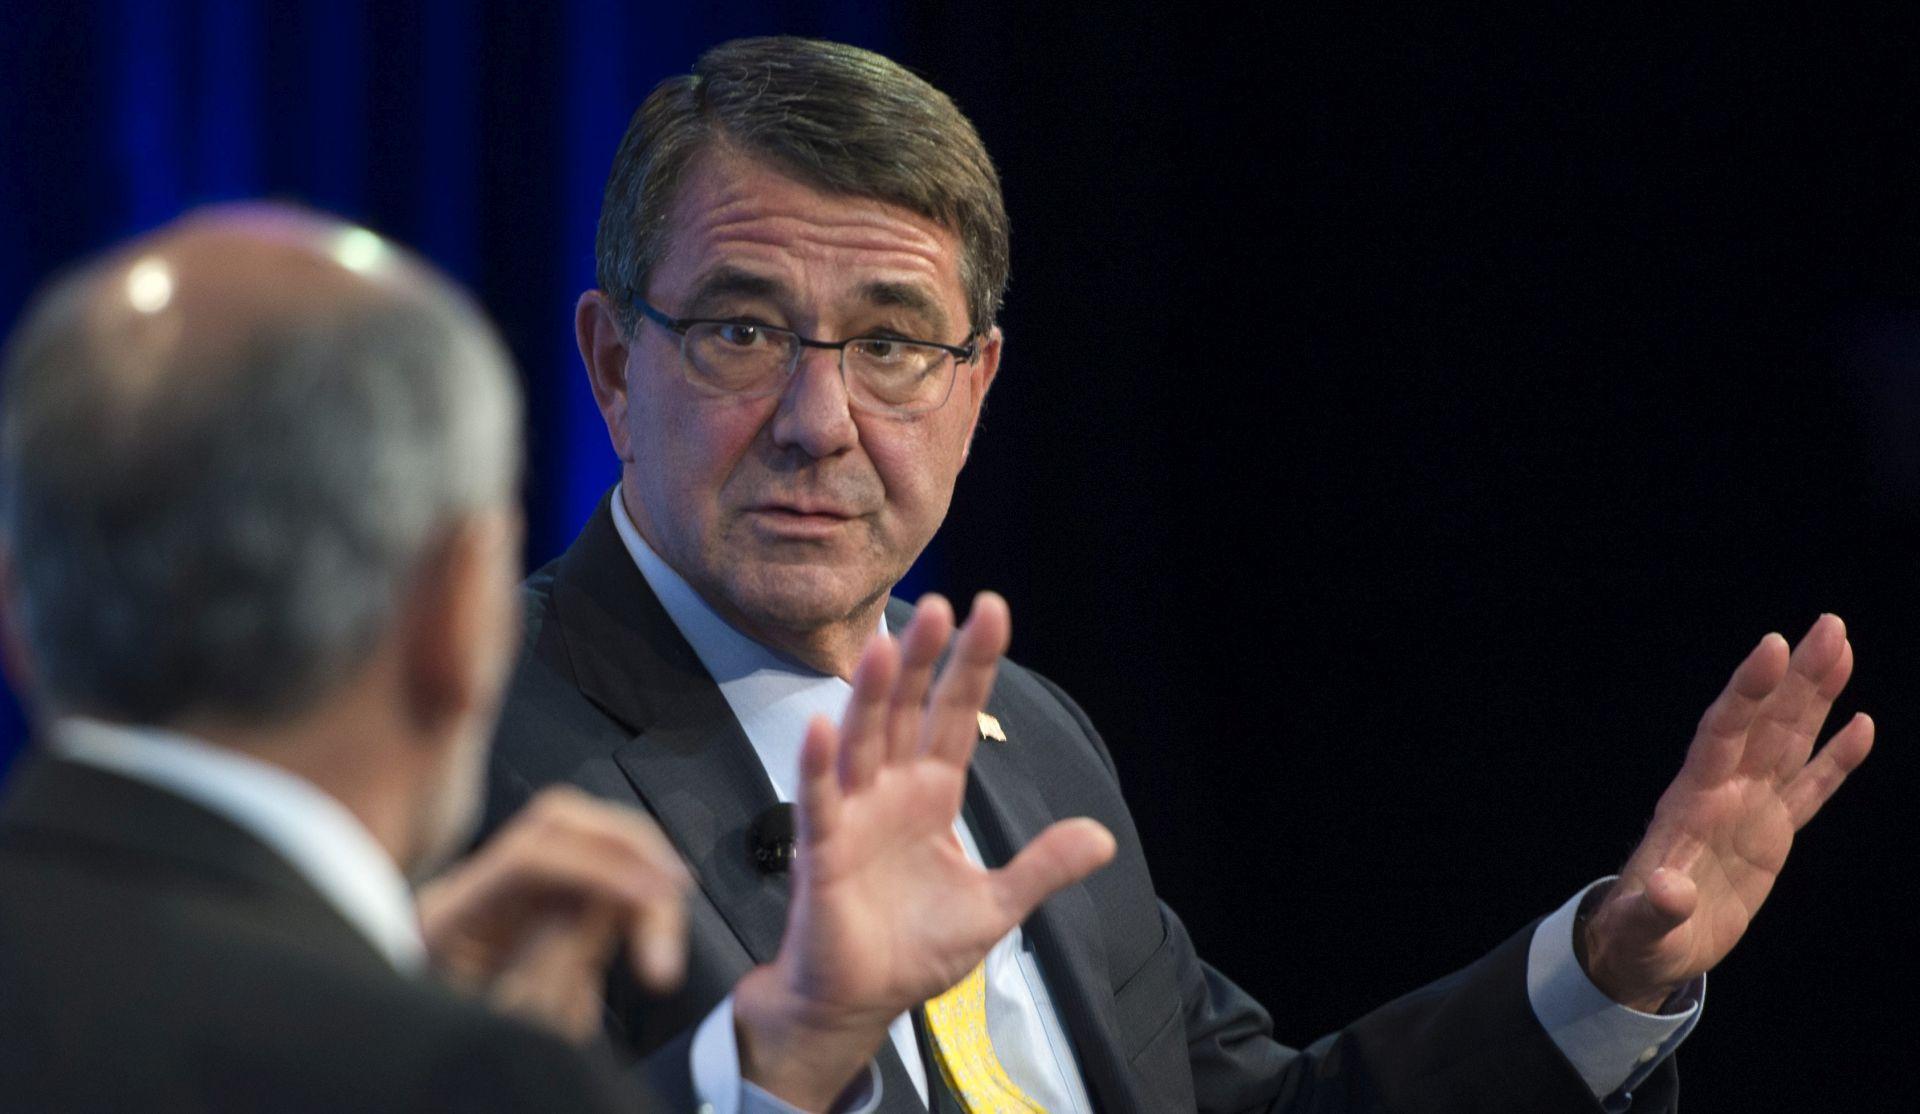 ŠALJU DODATNE POSTROJBE: SAD proširuju specijalne operacije u Iraku